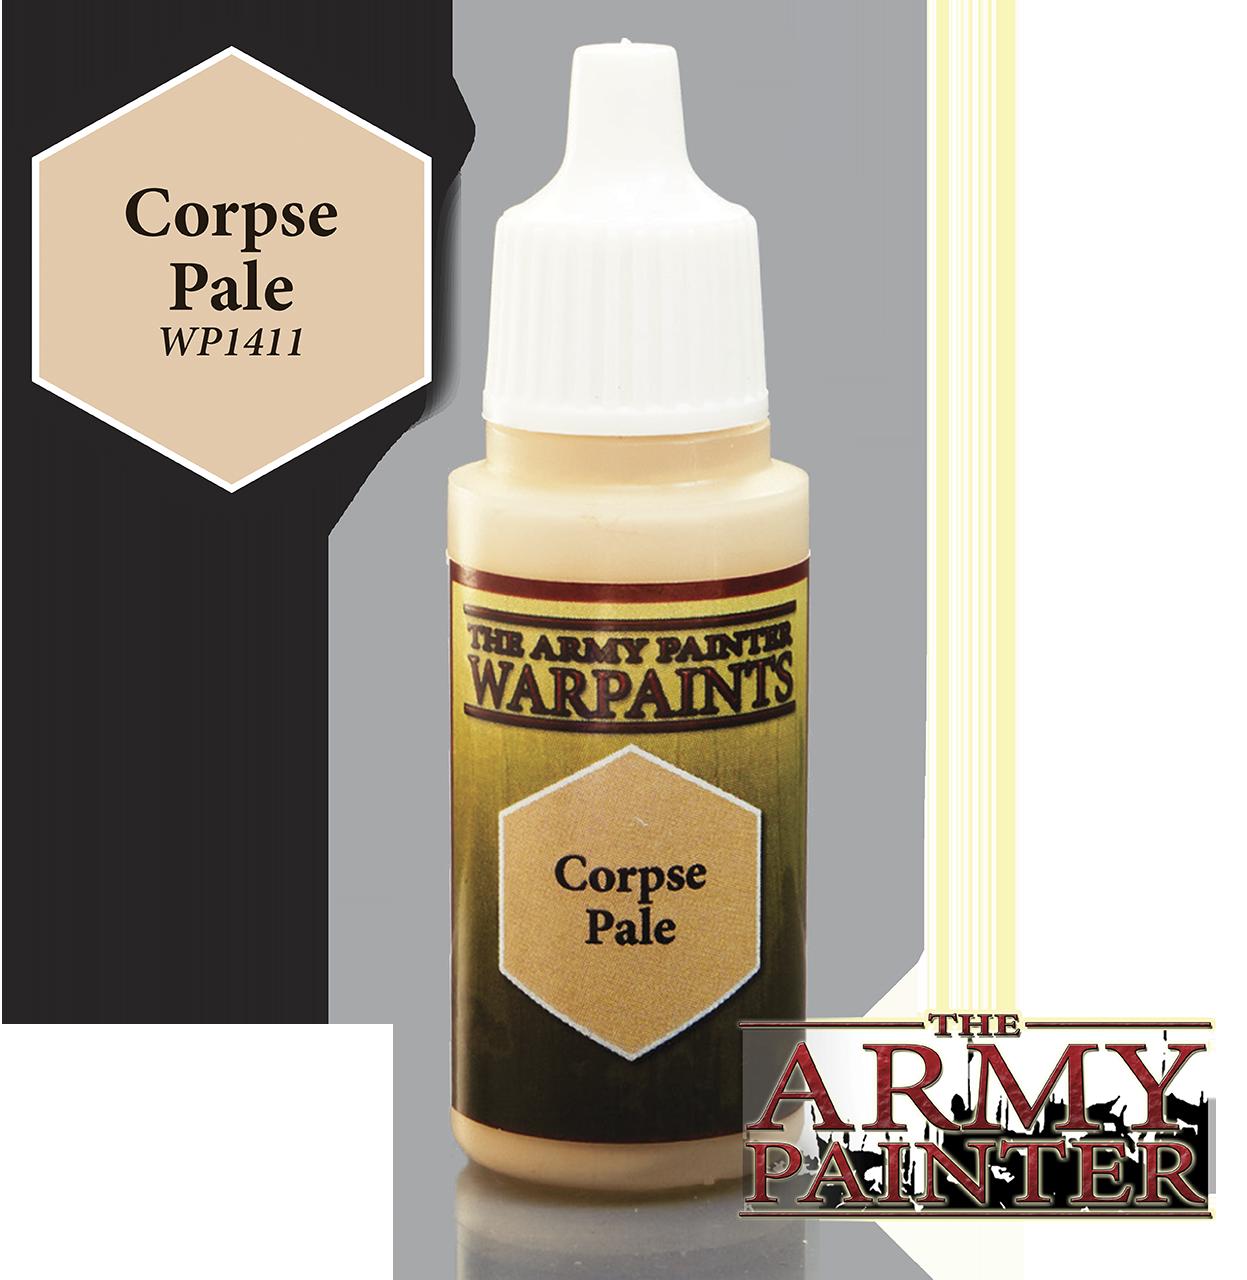 Corpse Pale - Army Painter Warpaints